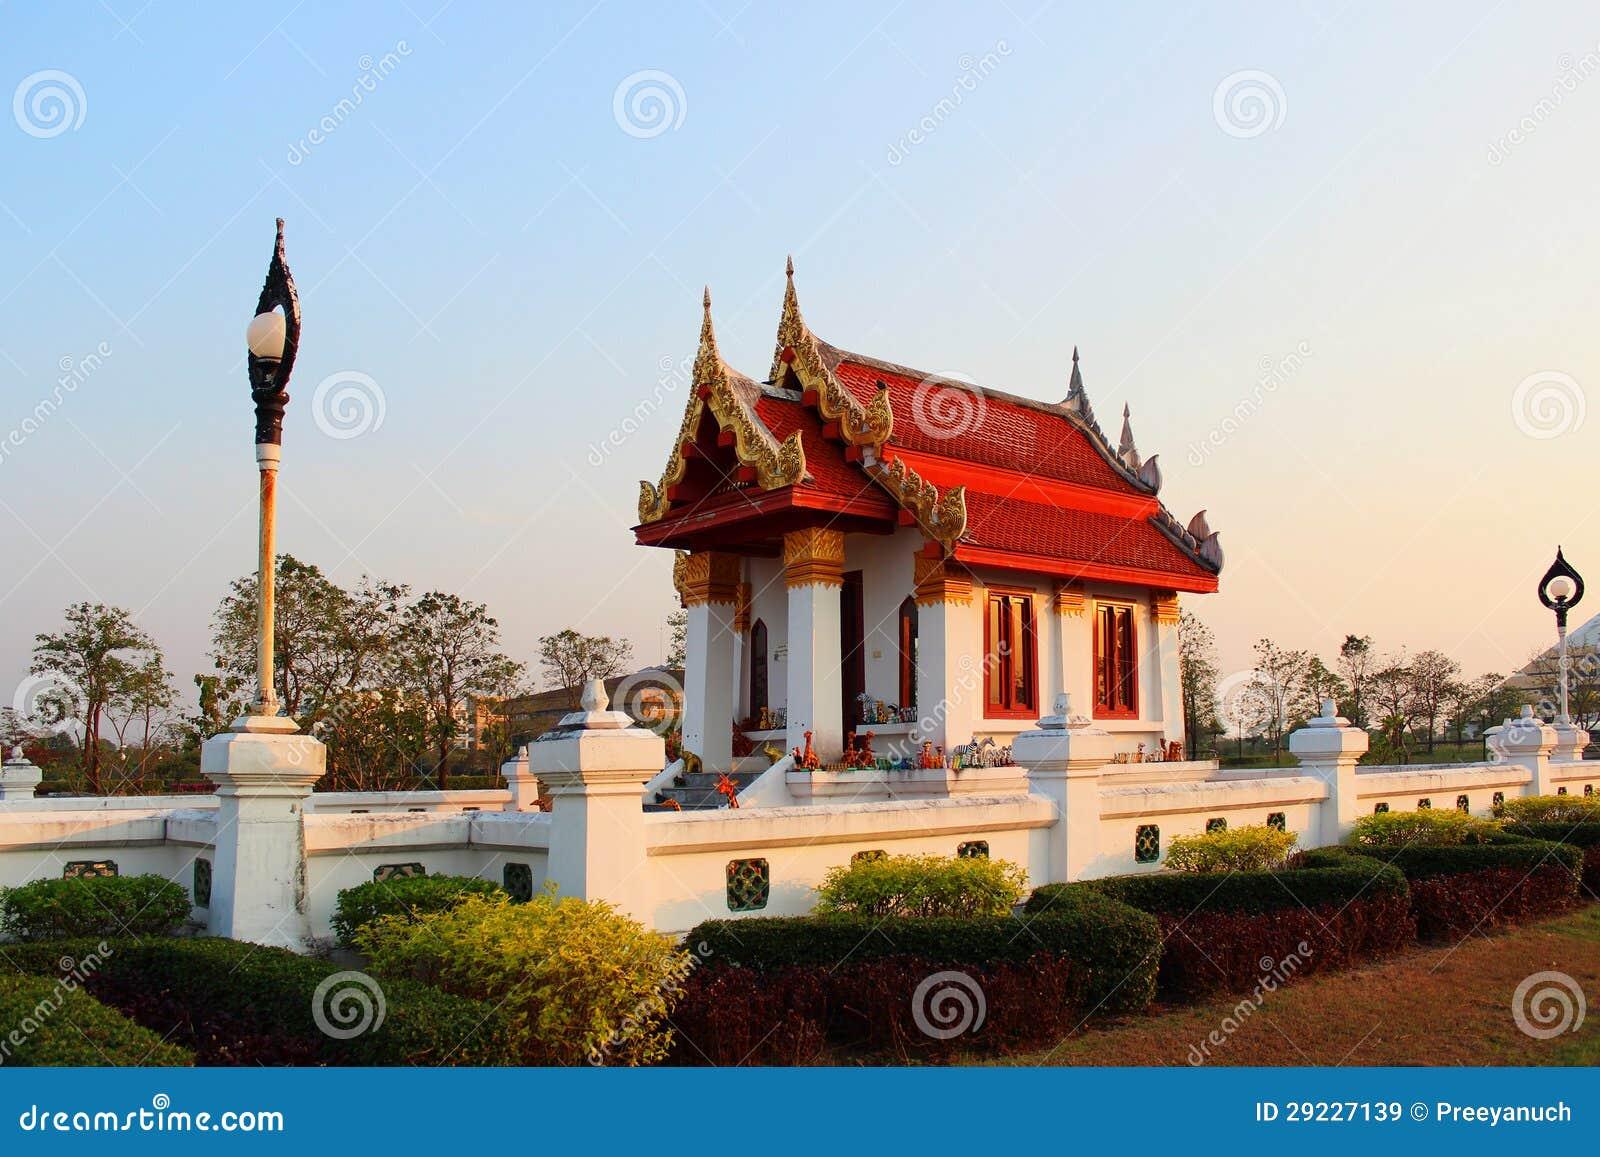 Download Corte imagem de stock. Imagem de tabernacle, thai, azul - 29227139